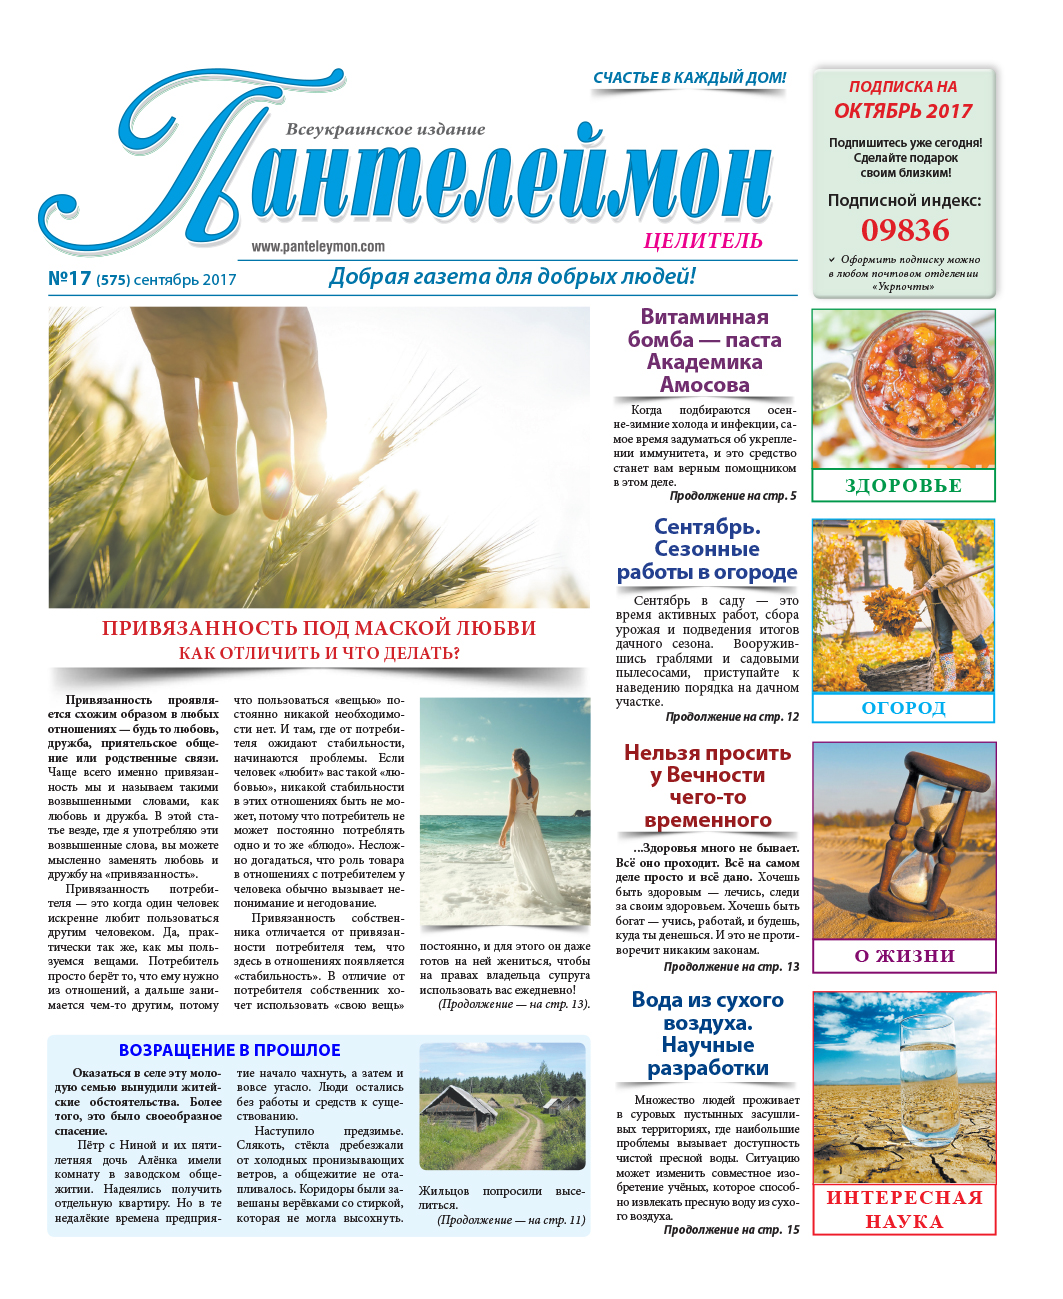 Пантелеймон №17 сентябрь 2017-1